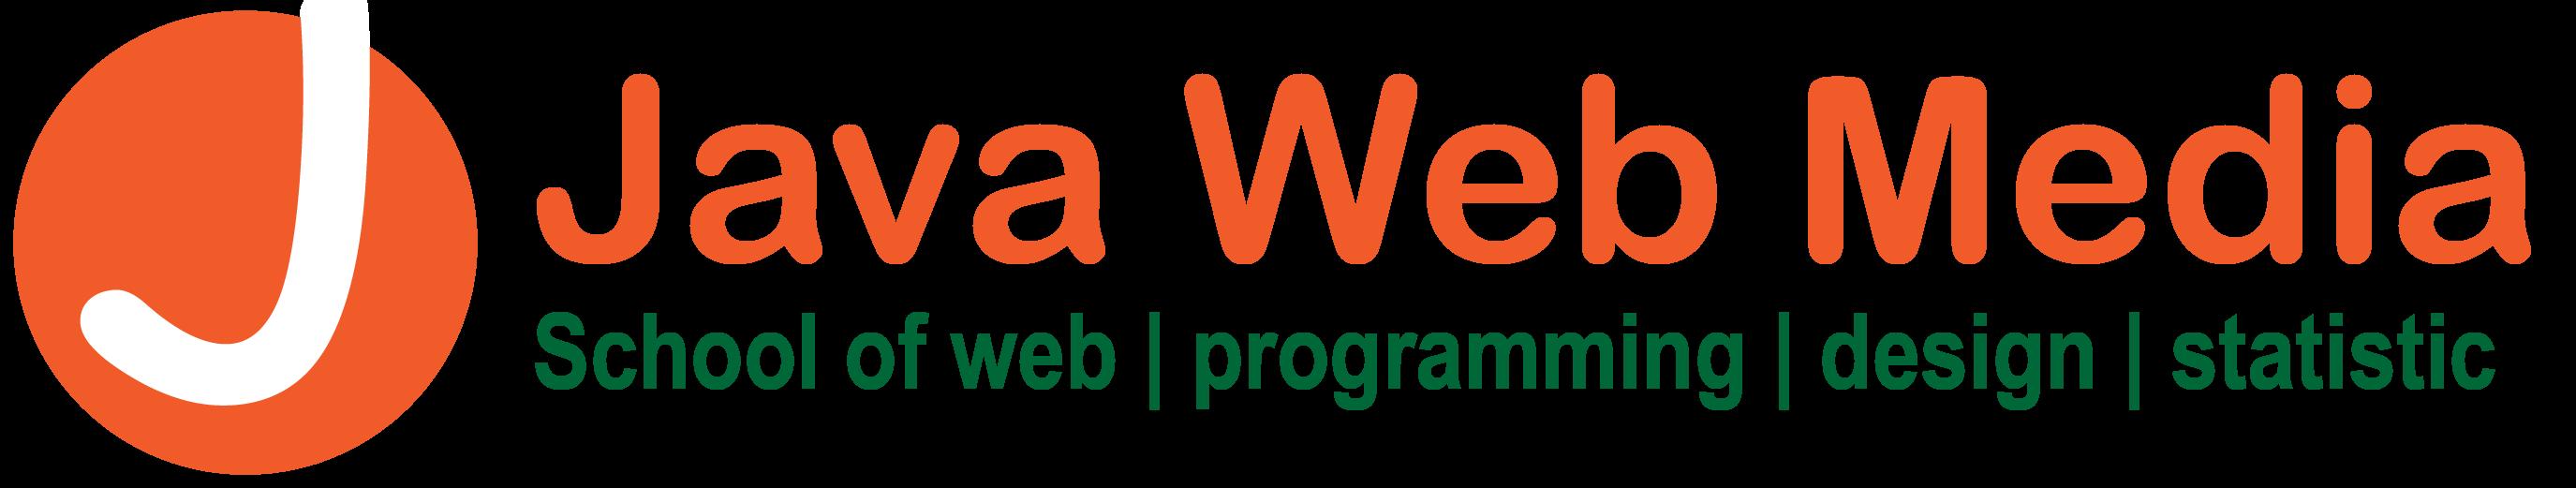 Blog Java Web Media